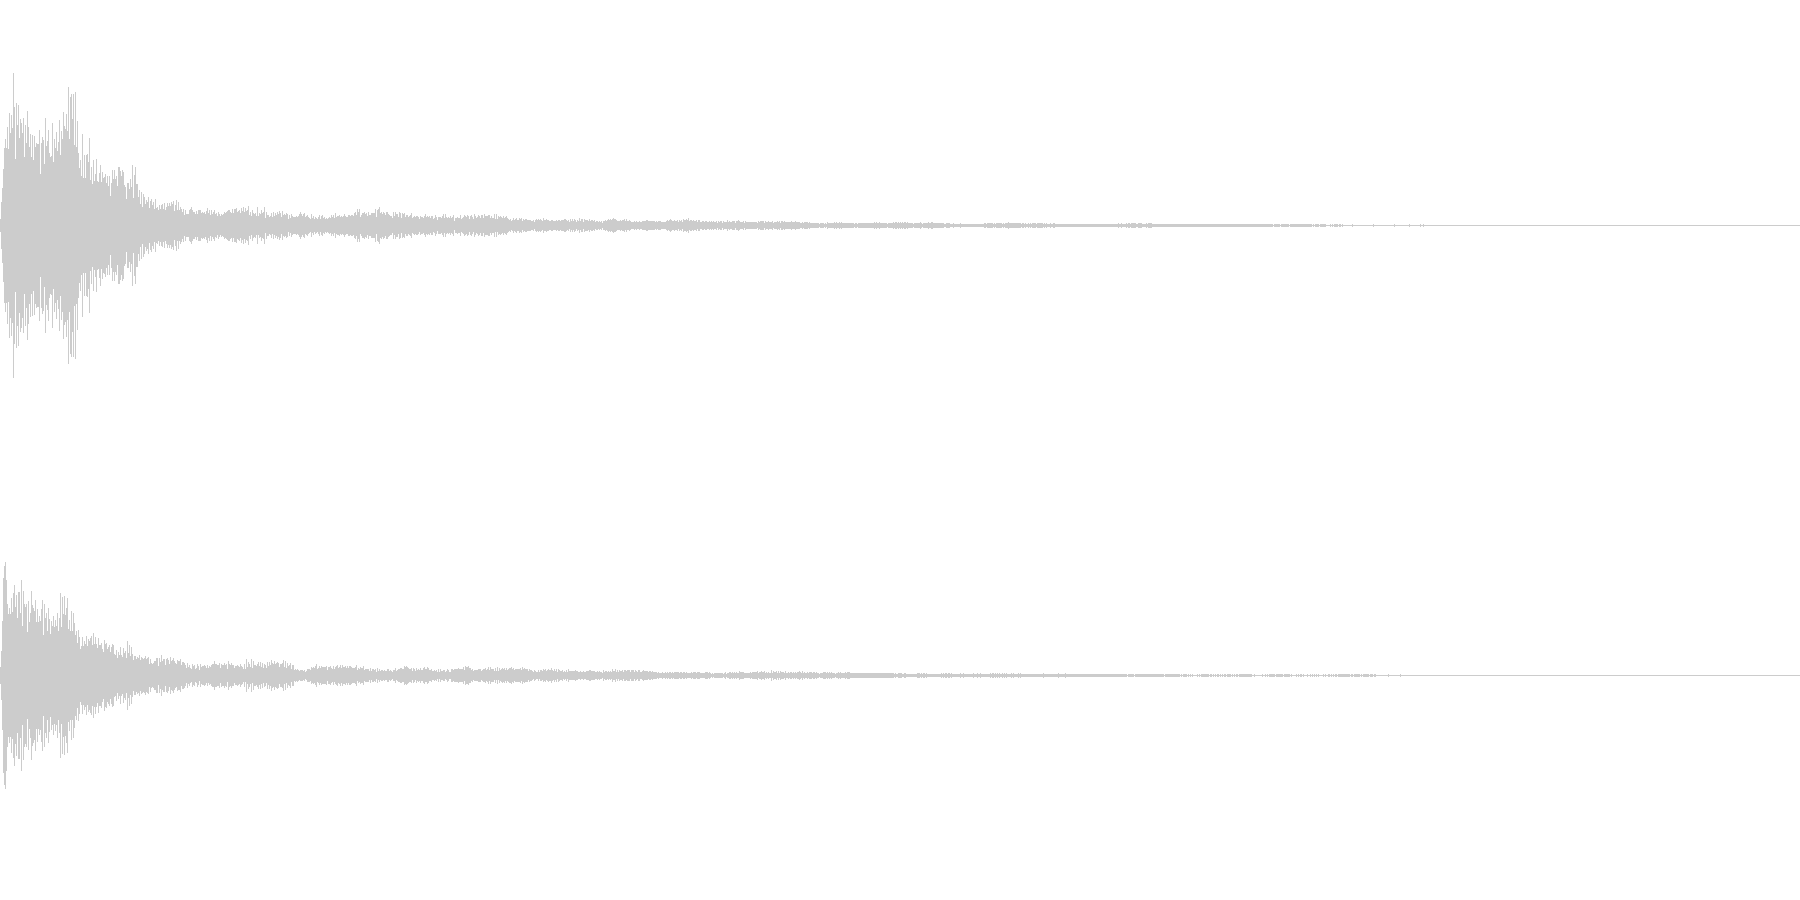 テロップ音~明るめのピアノの4和音~の未再生の波形